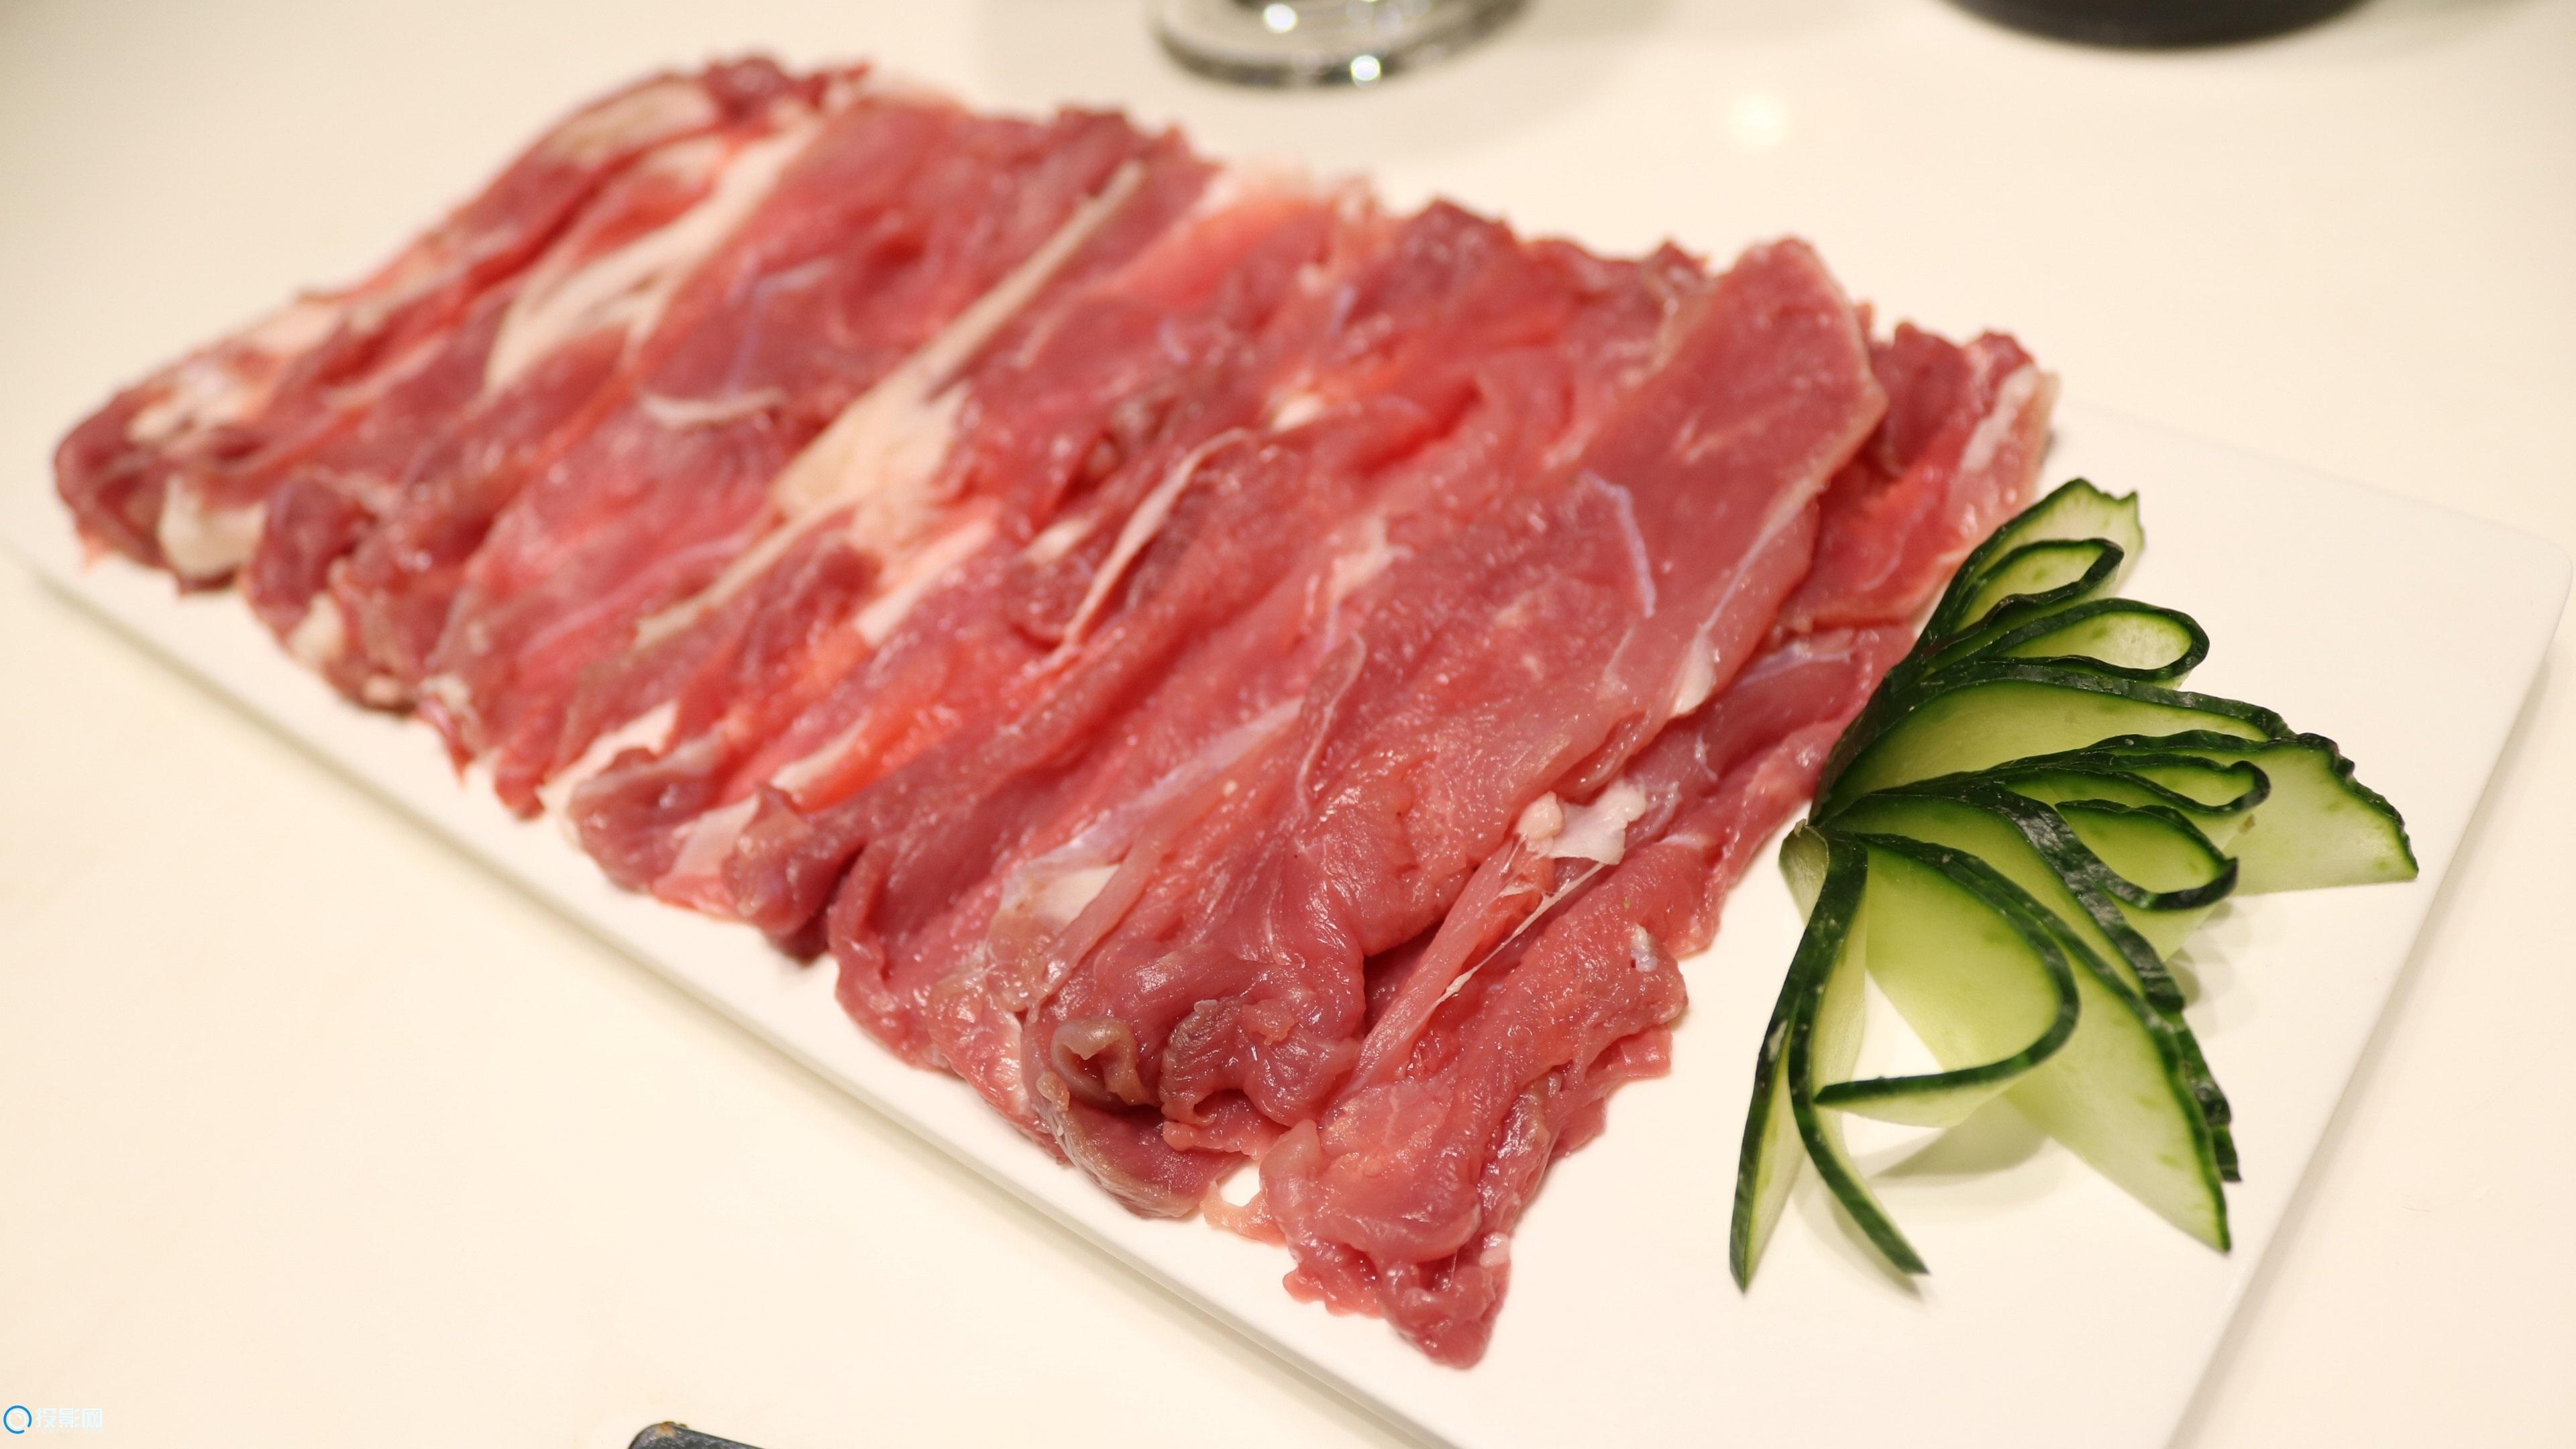 4k营养的牦牛肉高清图片 10P[分辨率3840x2160x9.4MB]